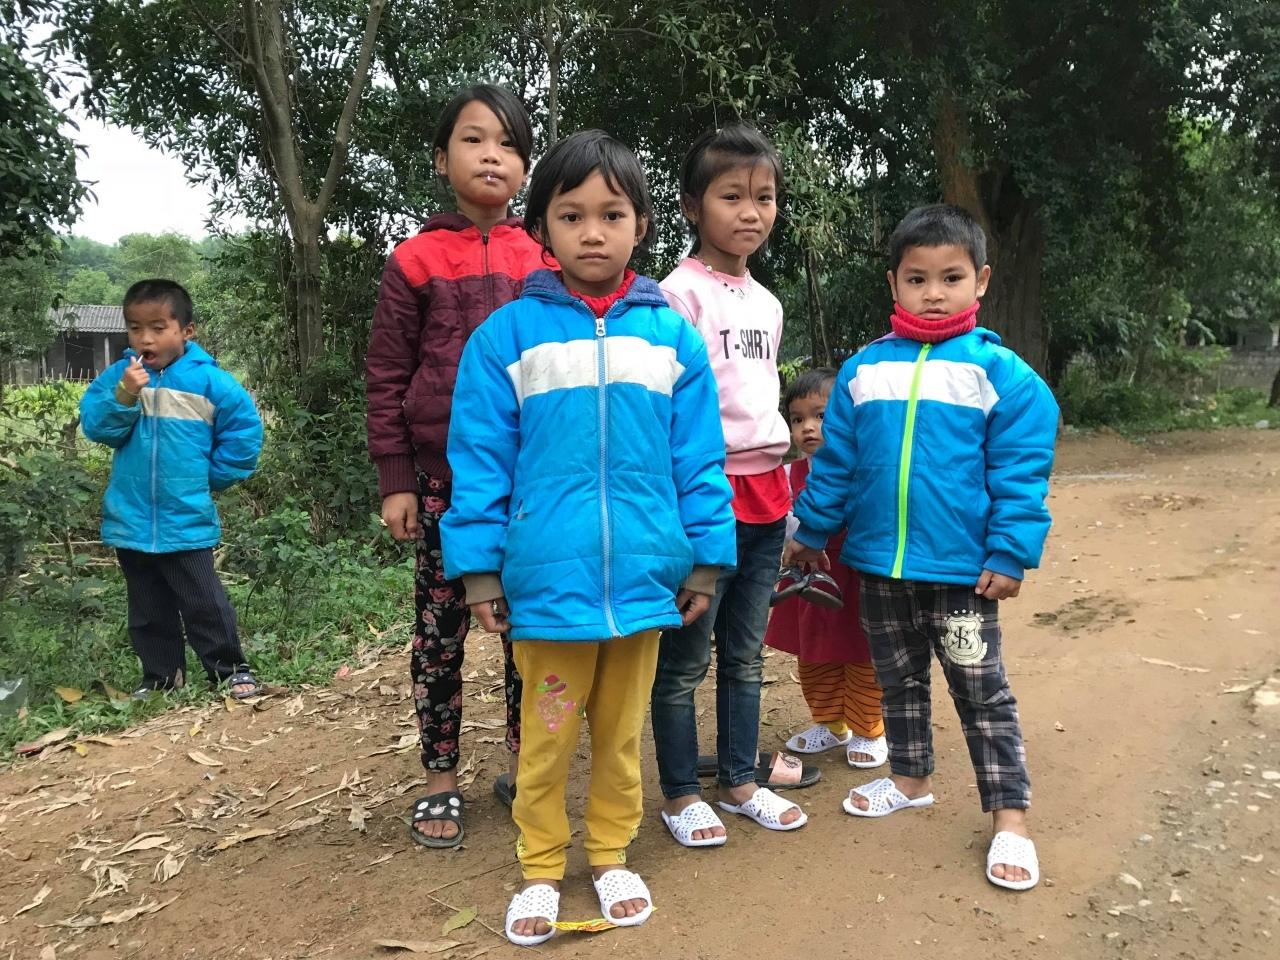 2019.01.TQ_.Xa_.TruongXuan.TruongSon.QuangBinh.79c